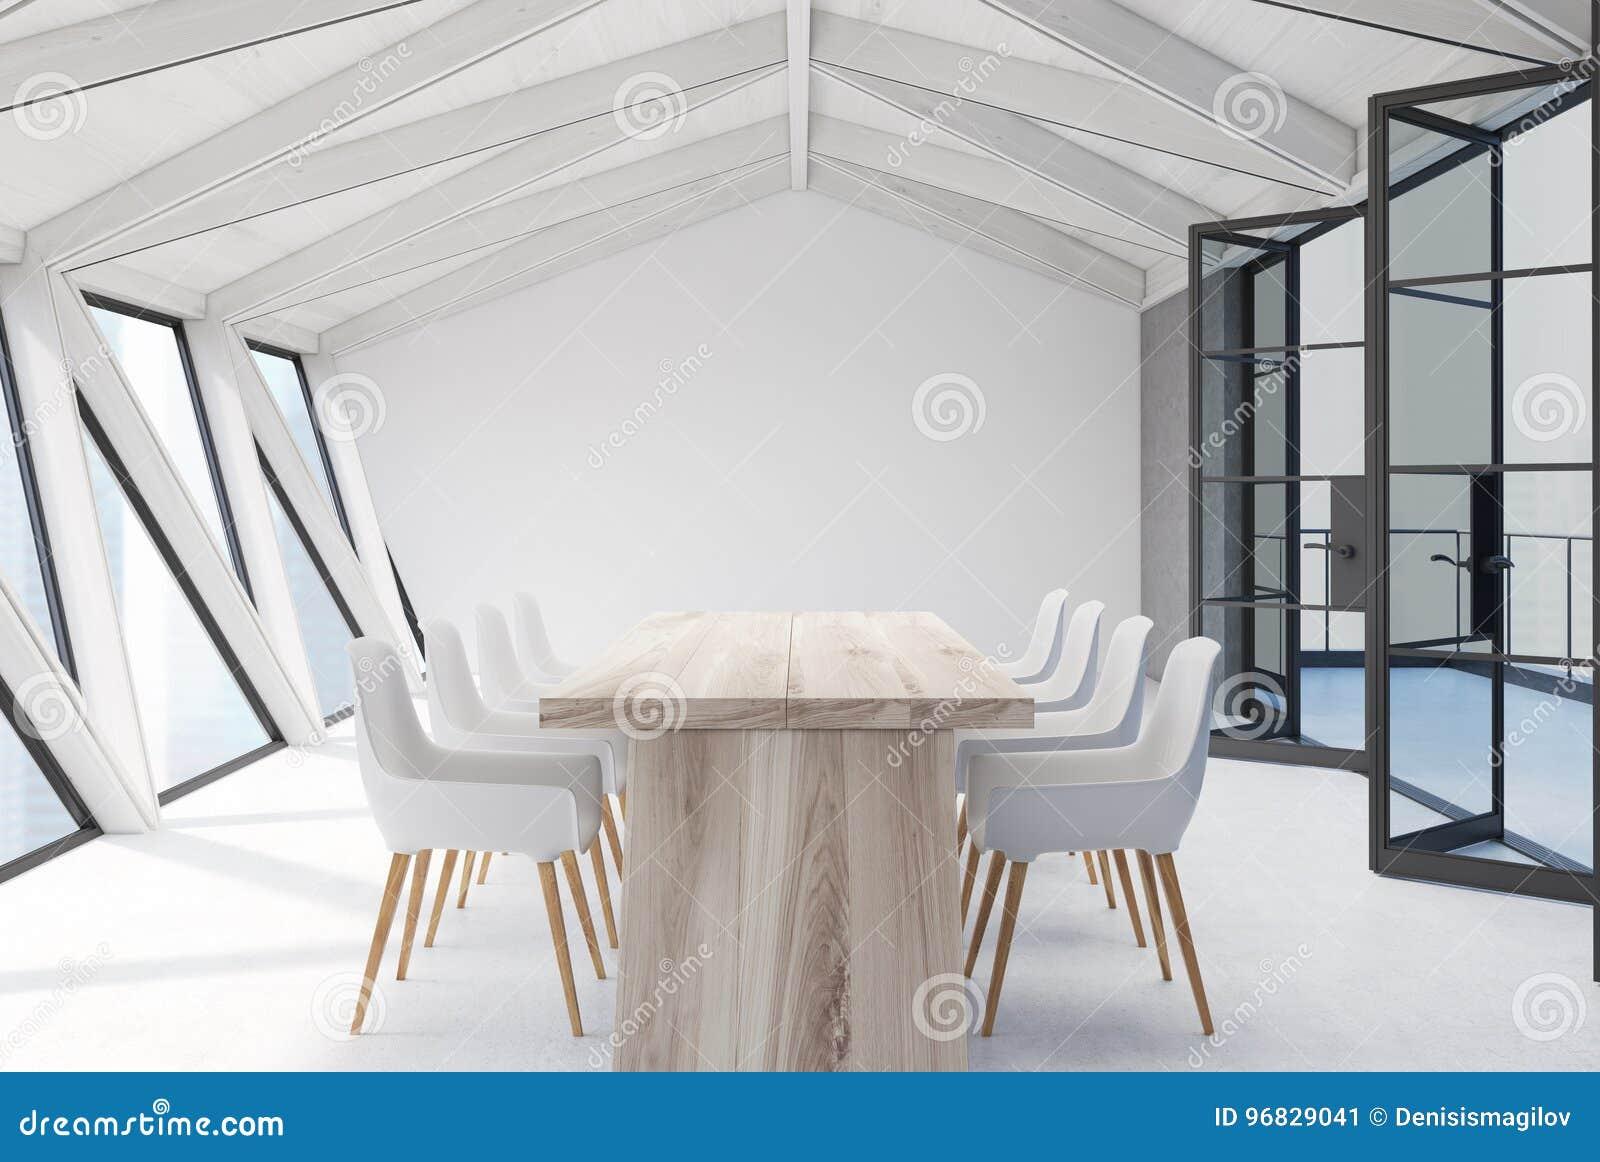 Soffitti In Legno Bianchi : Soffitto a travi dal legno scuro al bianco casafacile